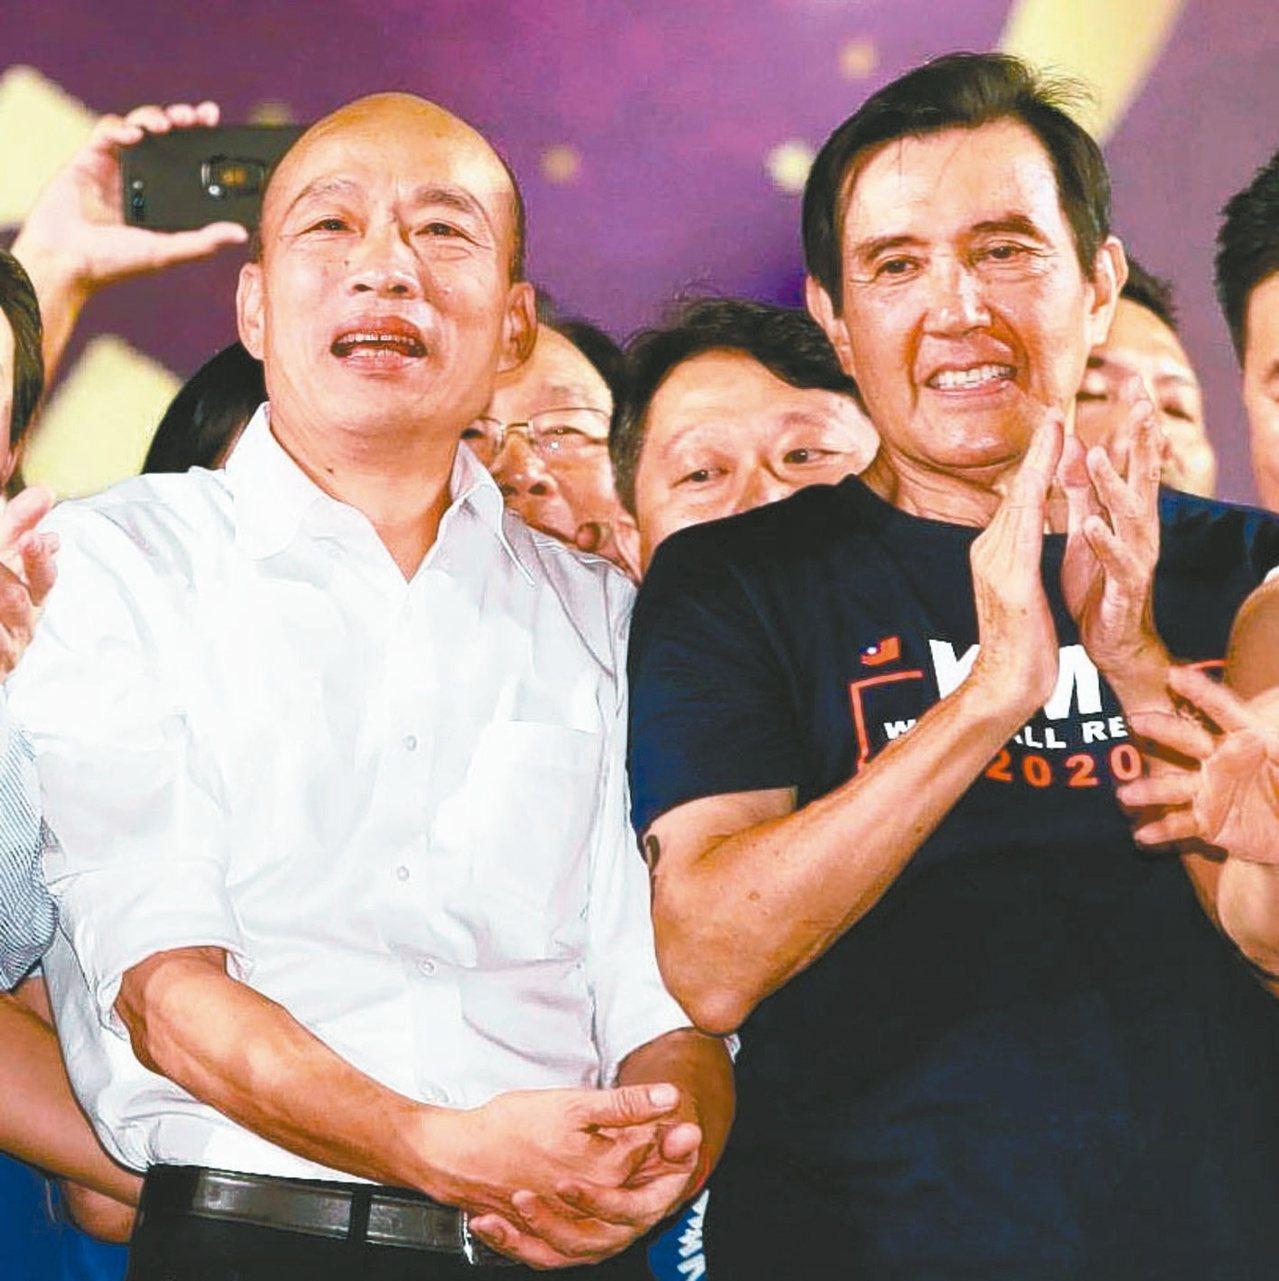 前總統馬英九將出席韓國瑜台南造勢活動,韓馬兩人台上互動成為關注焦點。 本報資料照